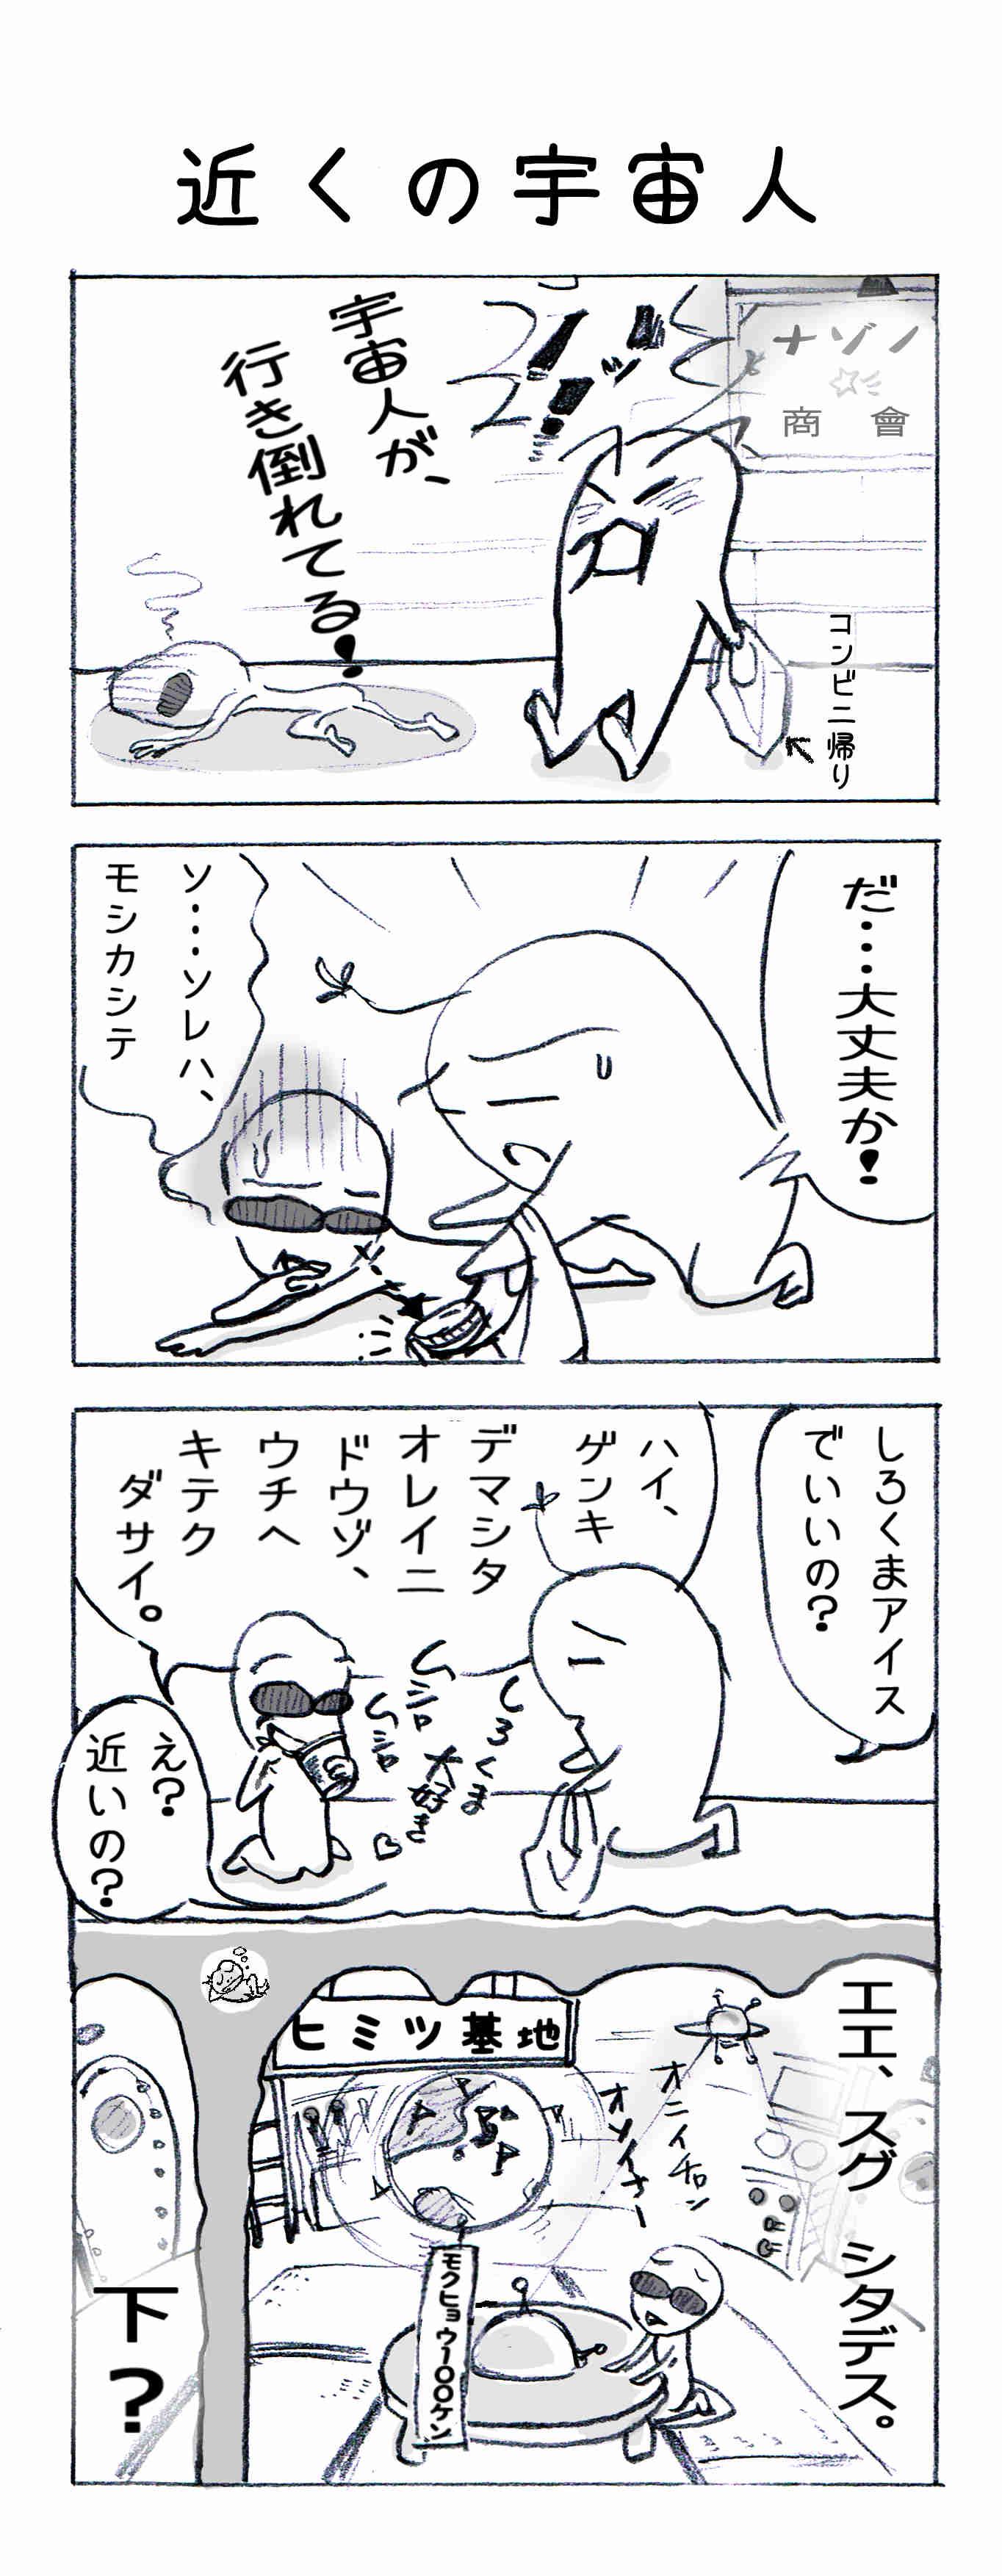 ナゾノ商會4コマ漫画ナゾの宇宙人を助ける